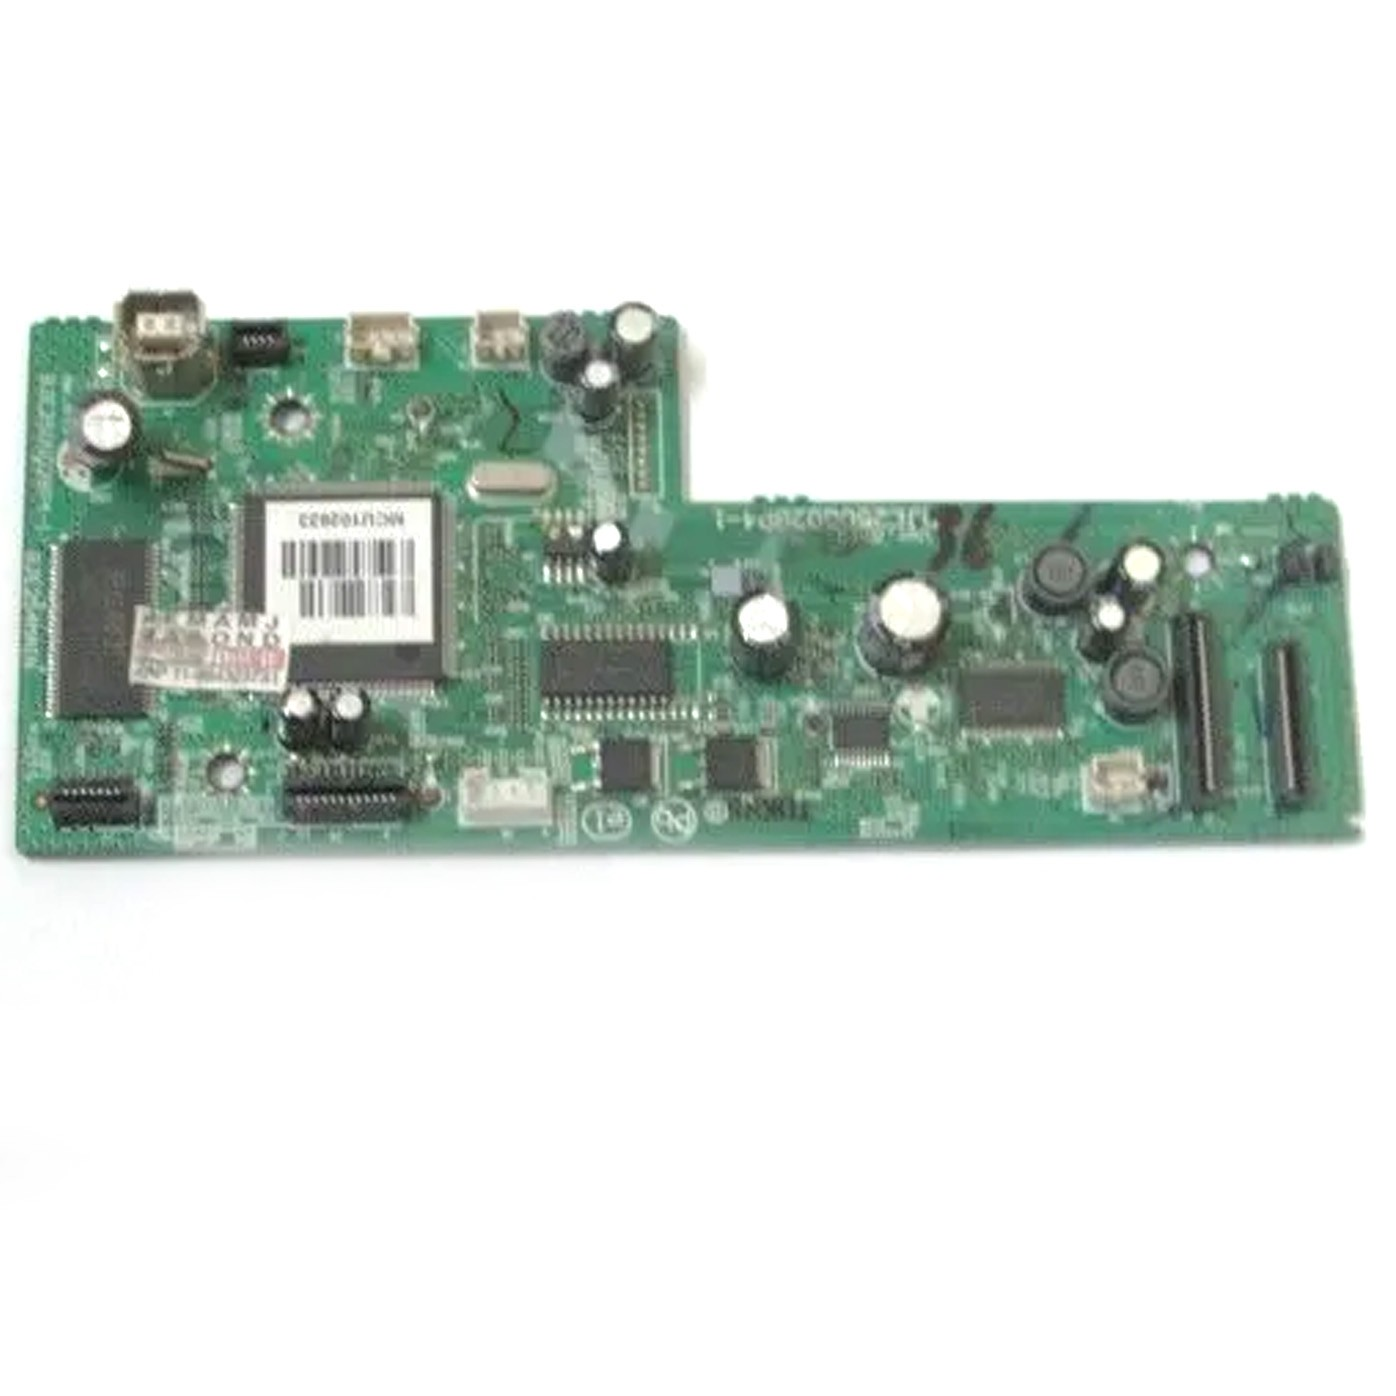 Placa Lógica Epson Stylus L200 Sx125 PN: Bje254main Bje250g02ak4 - Retirado